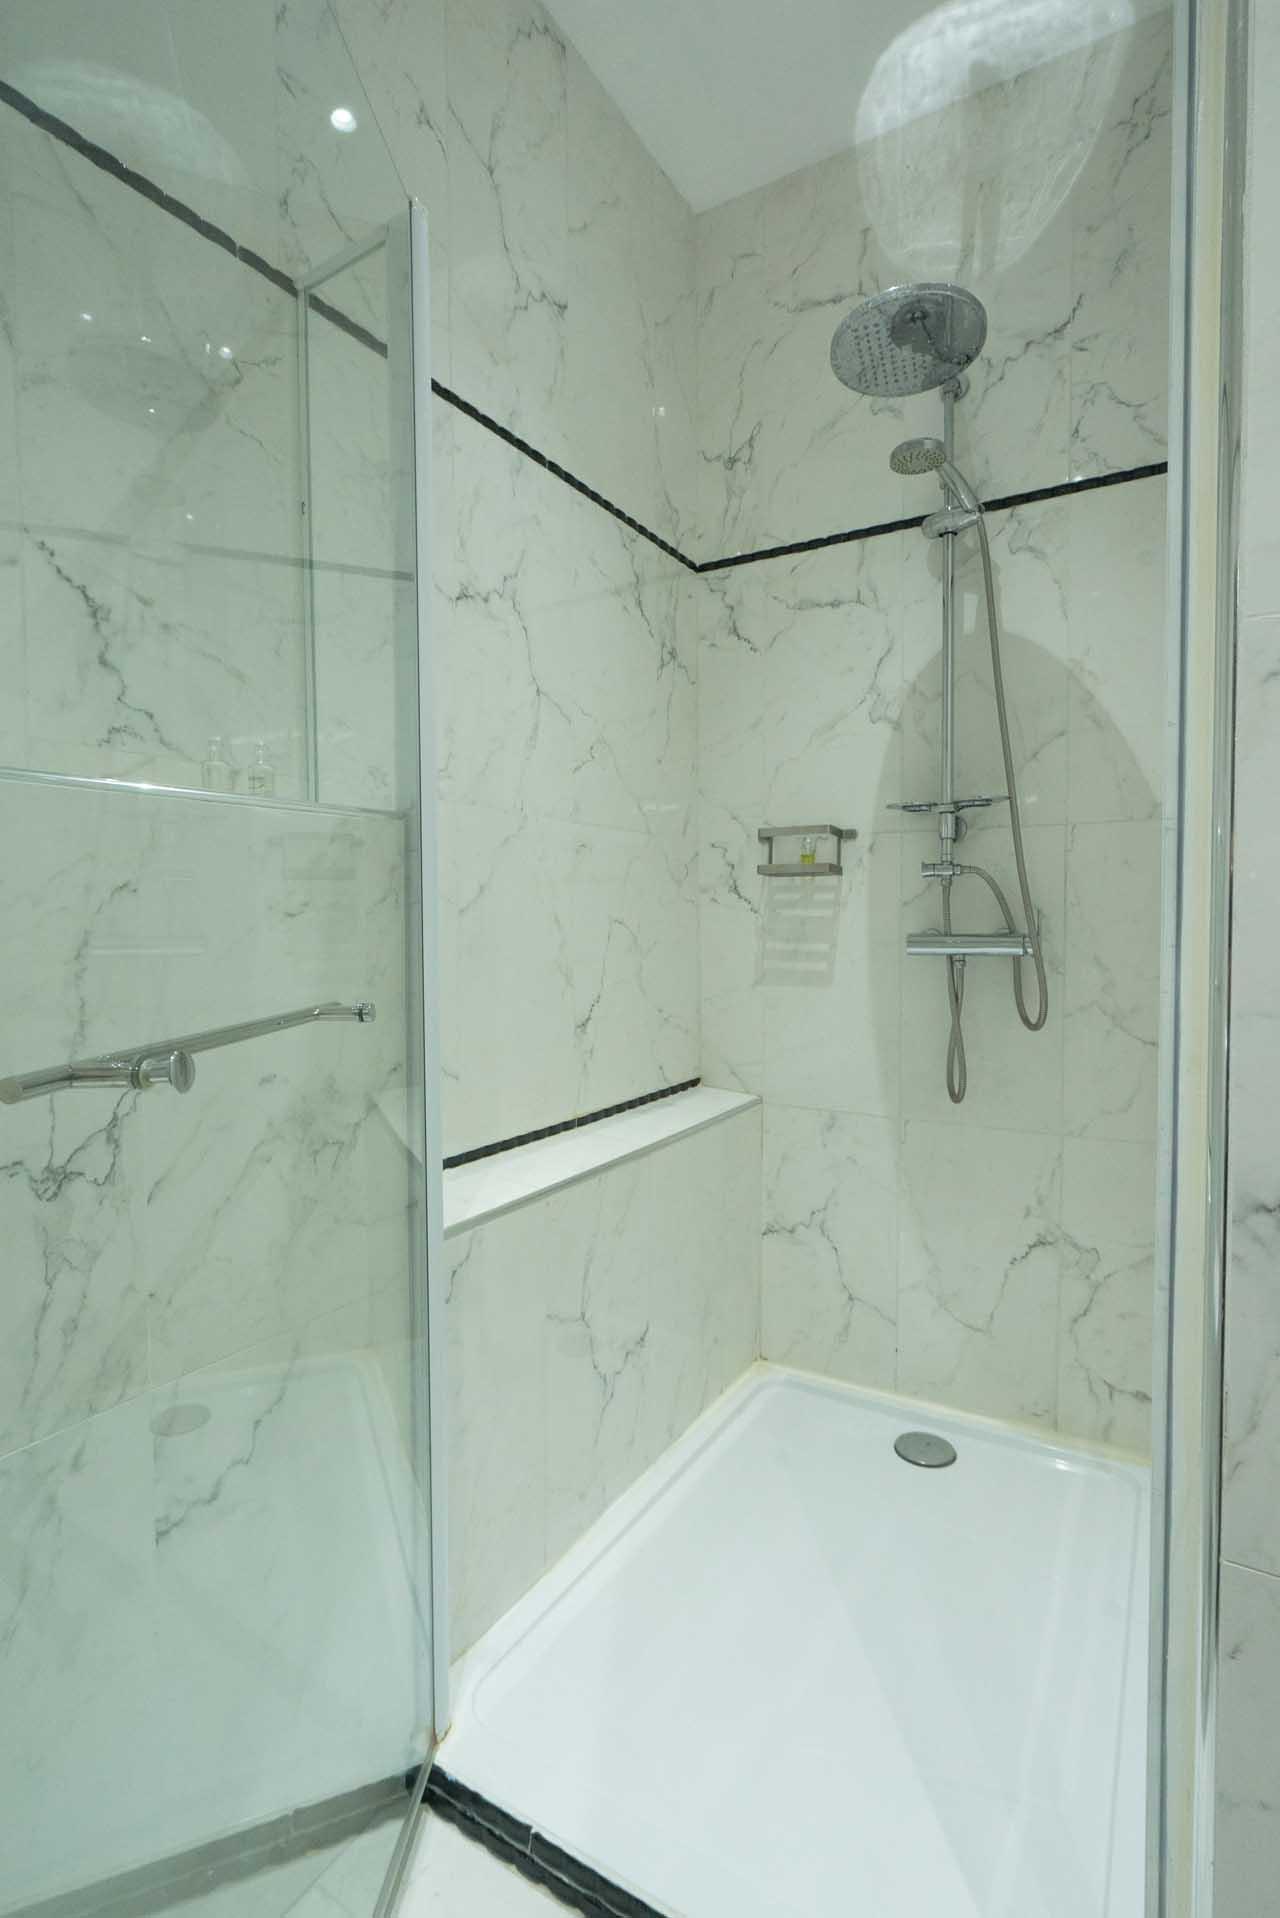 lang[meta_title] - Chambre 06 - Salle de bain 2